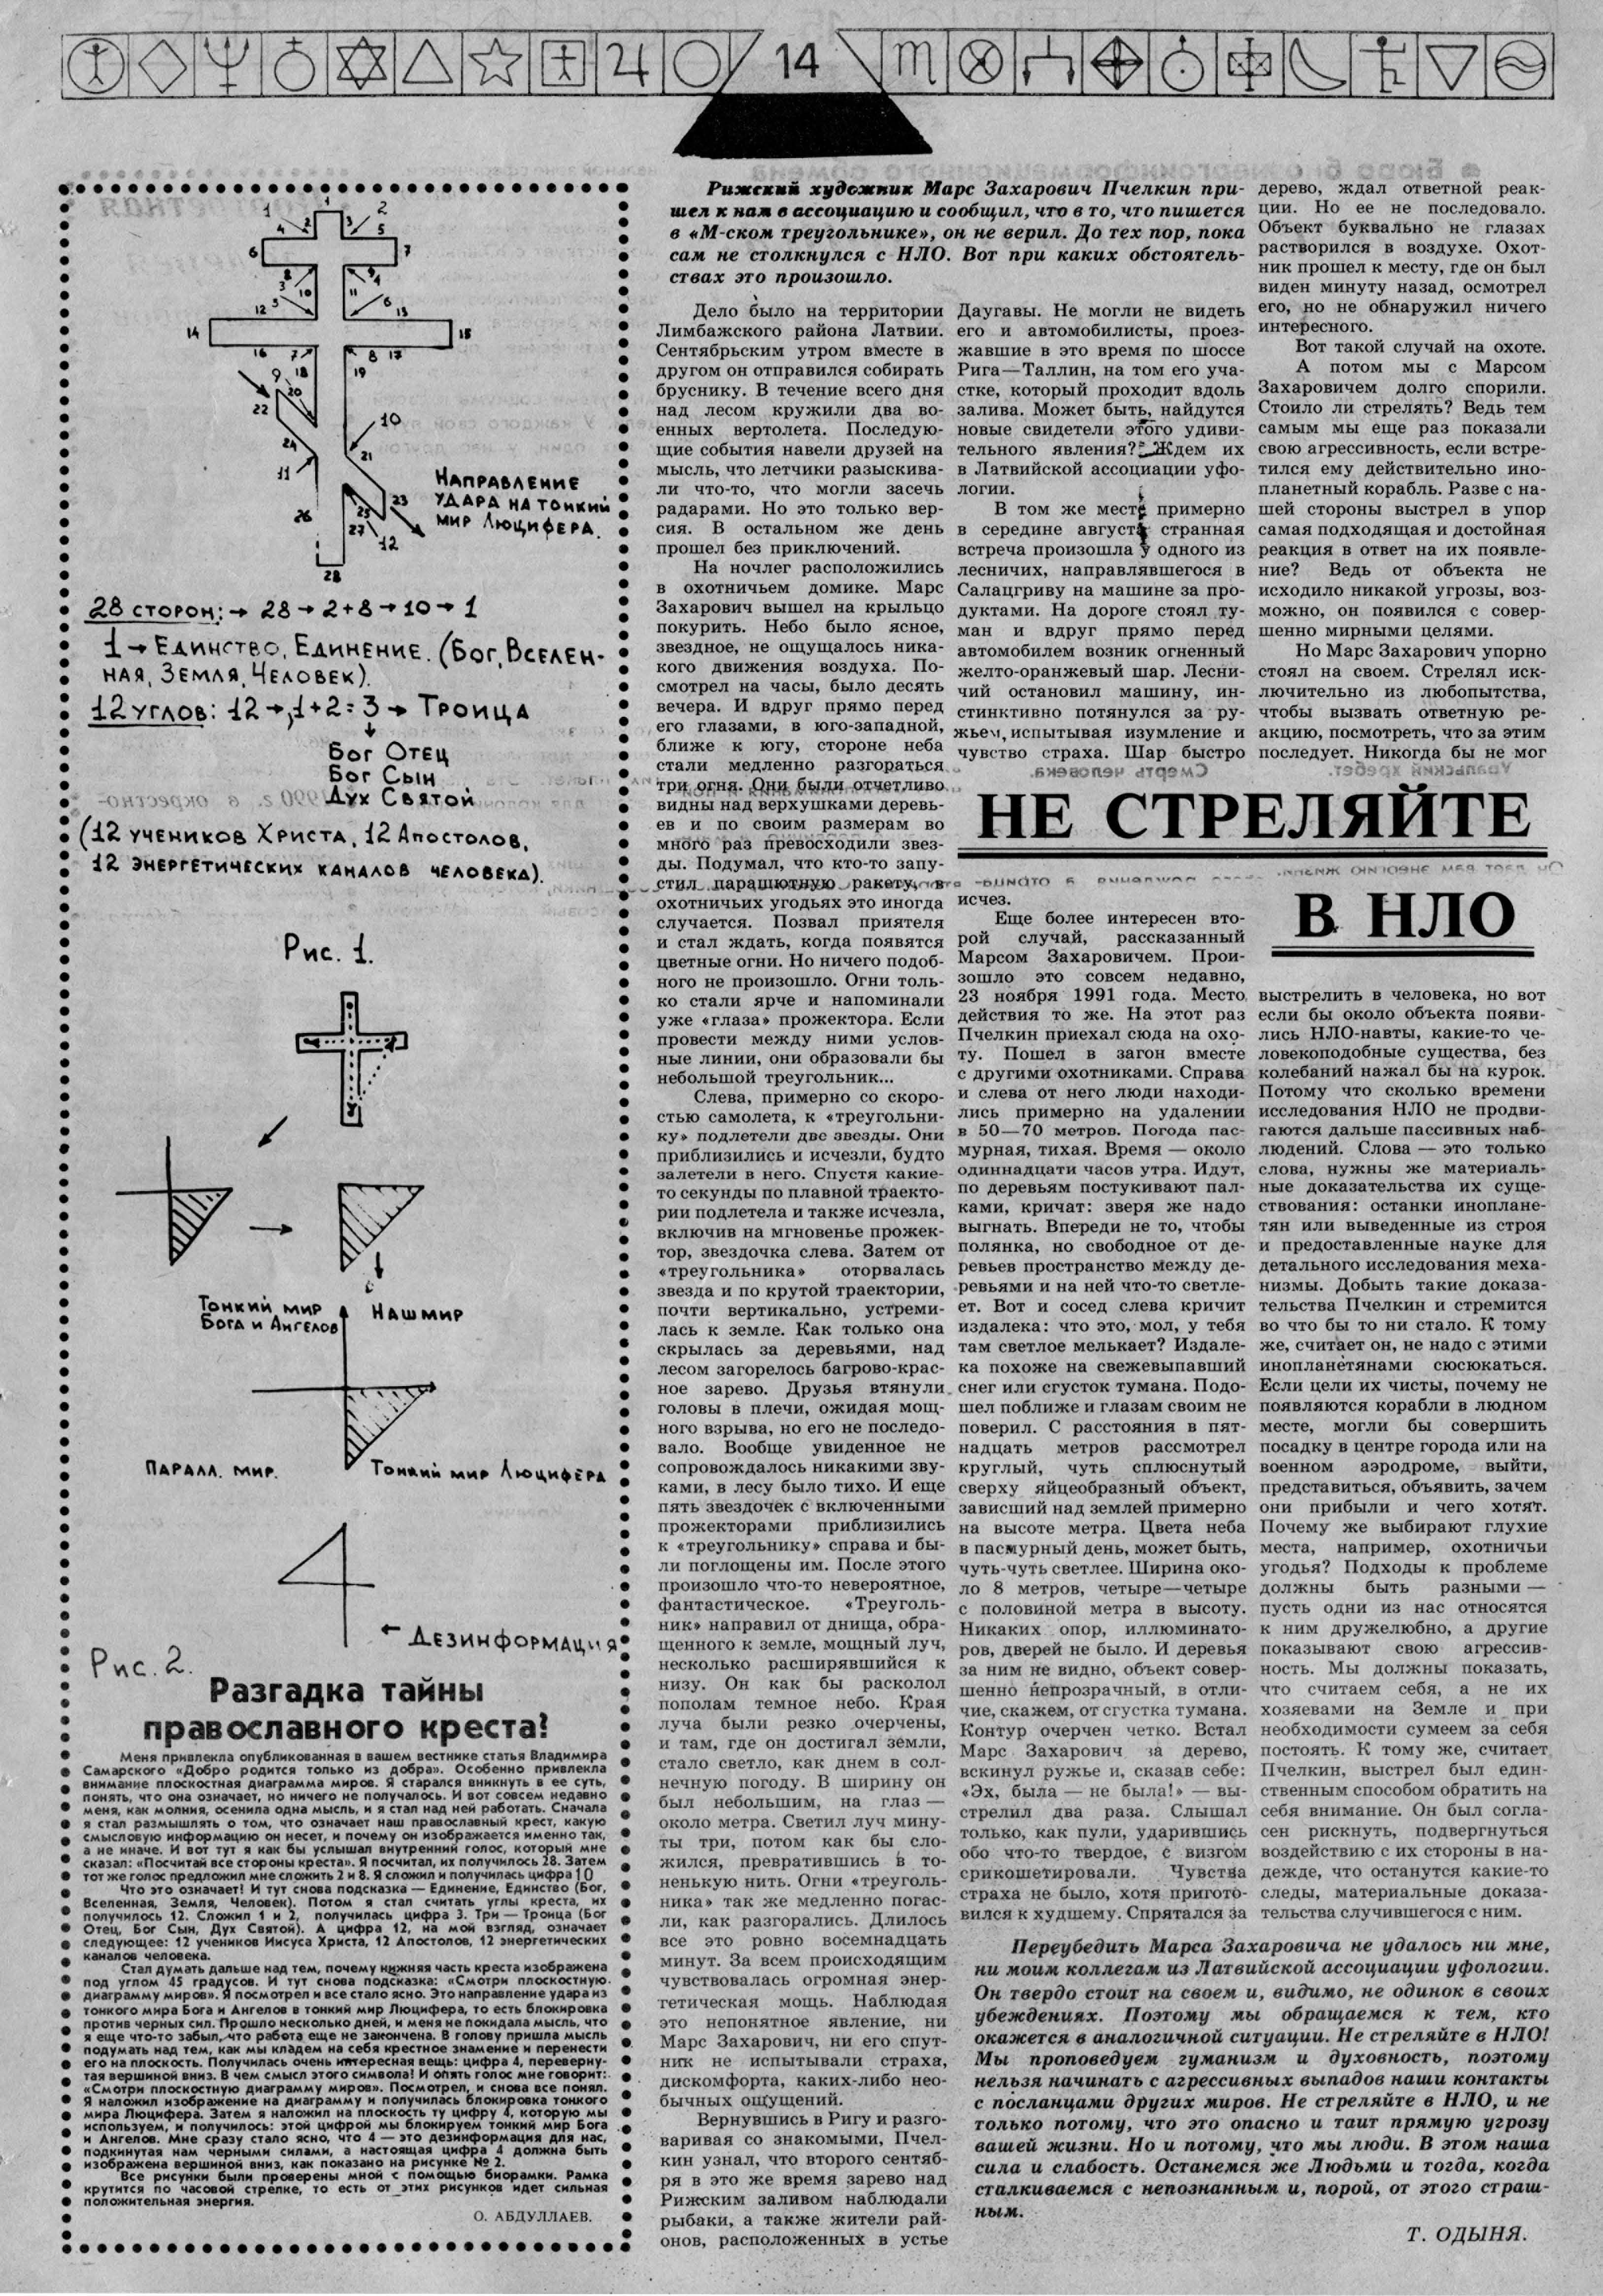 М-ский треугольник #19 (1992)_Страница_14.jpg